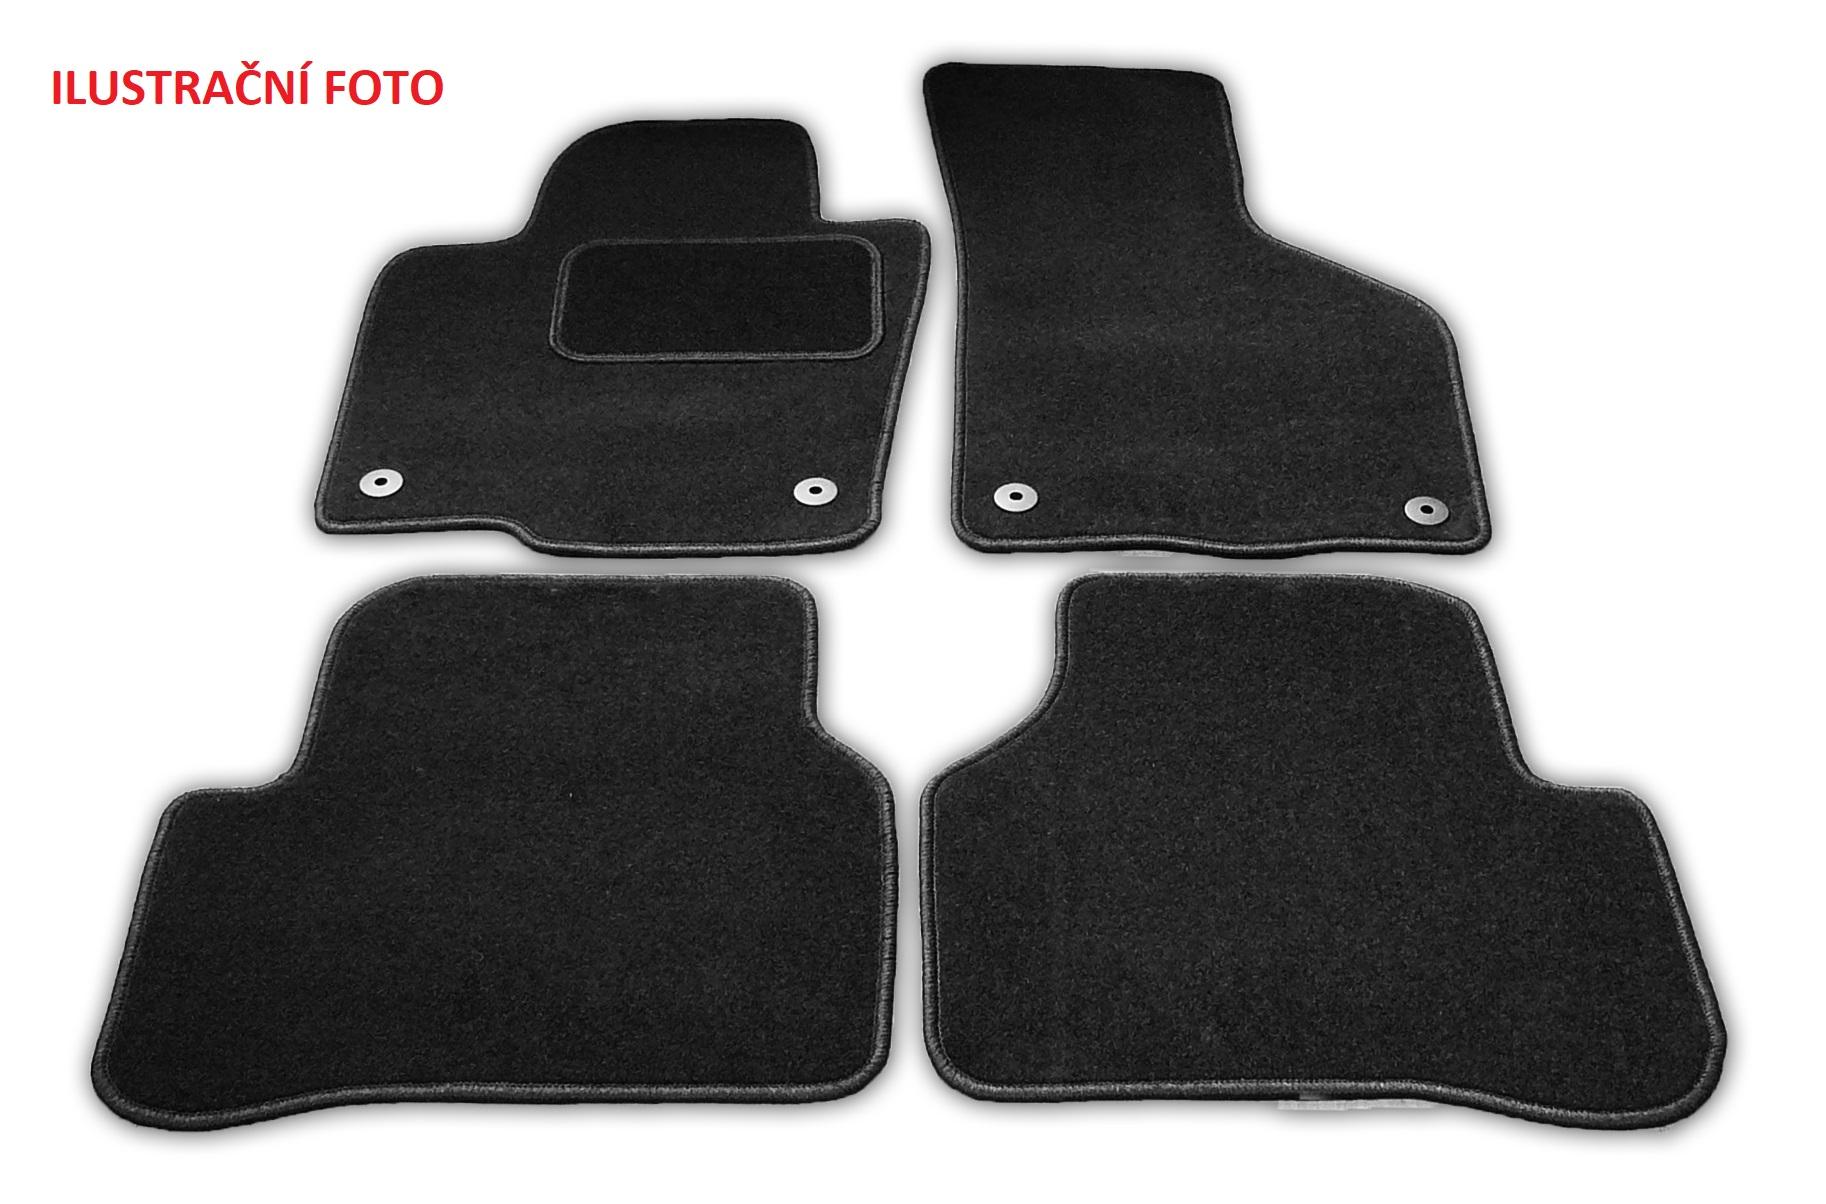 Automega Textilní autokoberce Standard Ford Connect 5 míst 2014-